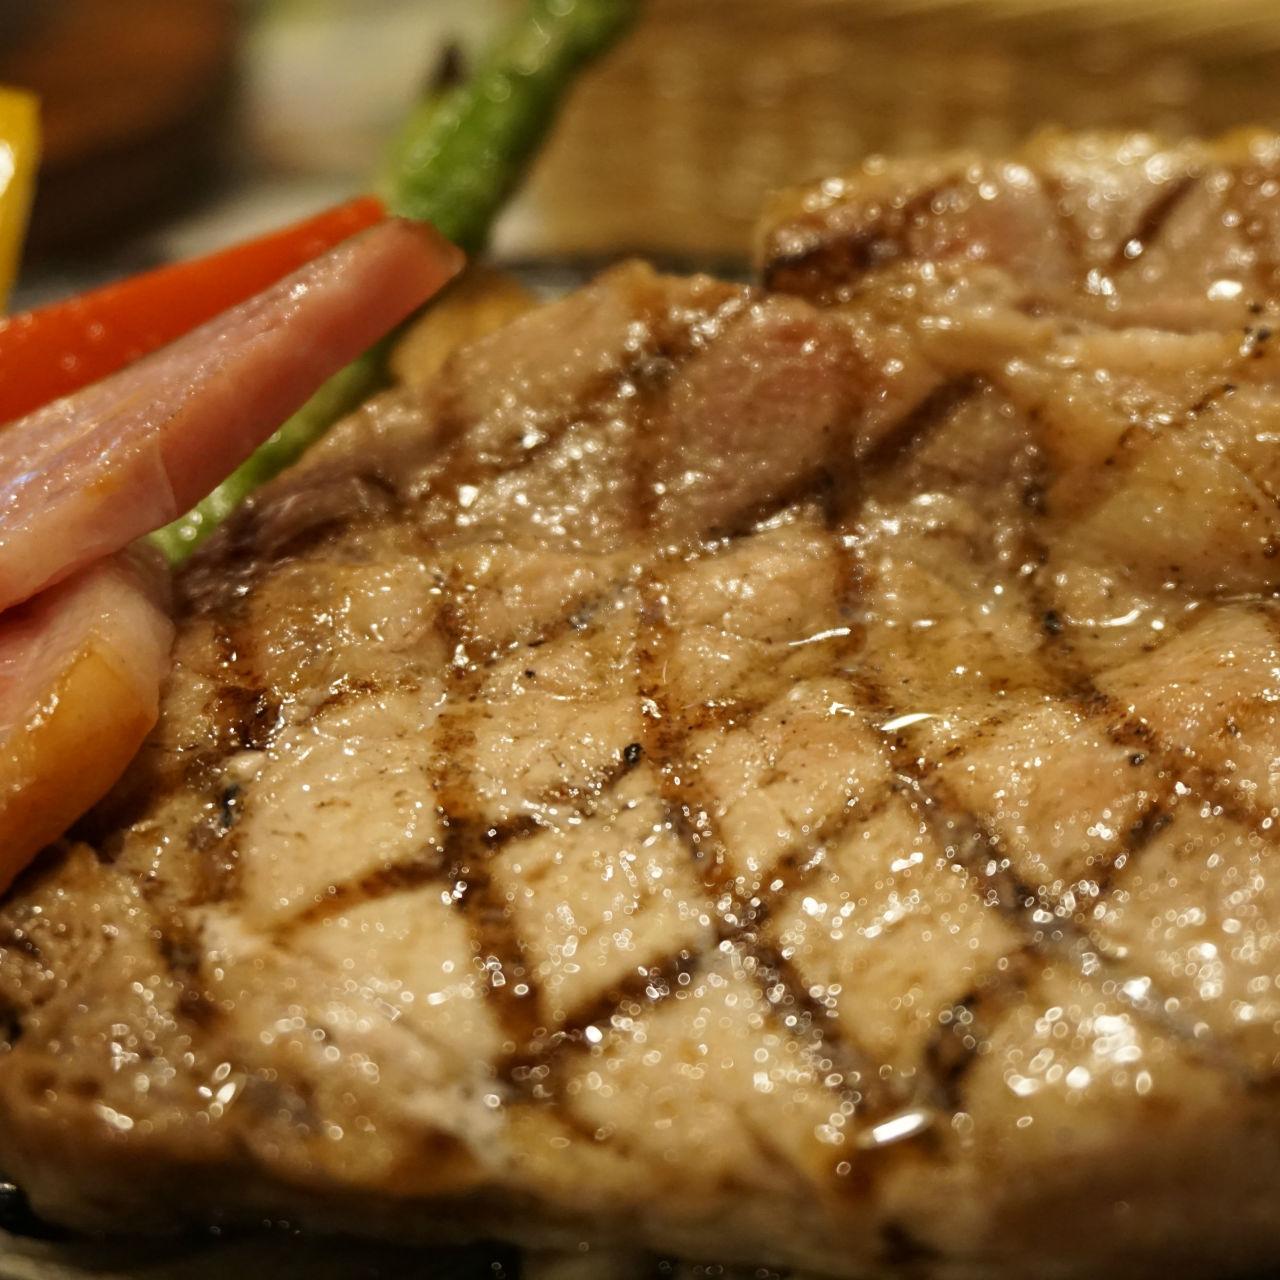 「野菜から食べる」と「肉から食べる」、やせるのはどっち?<br />